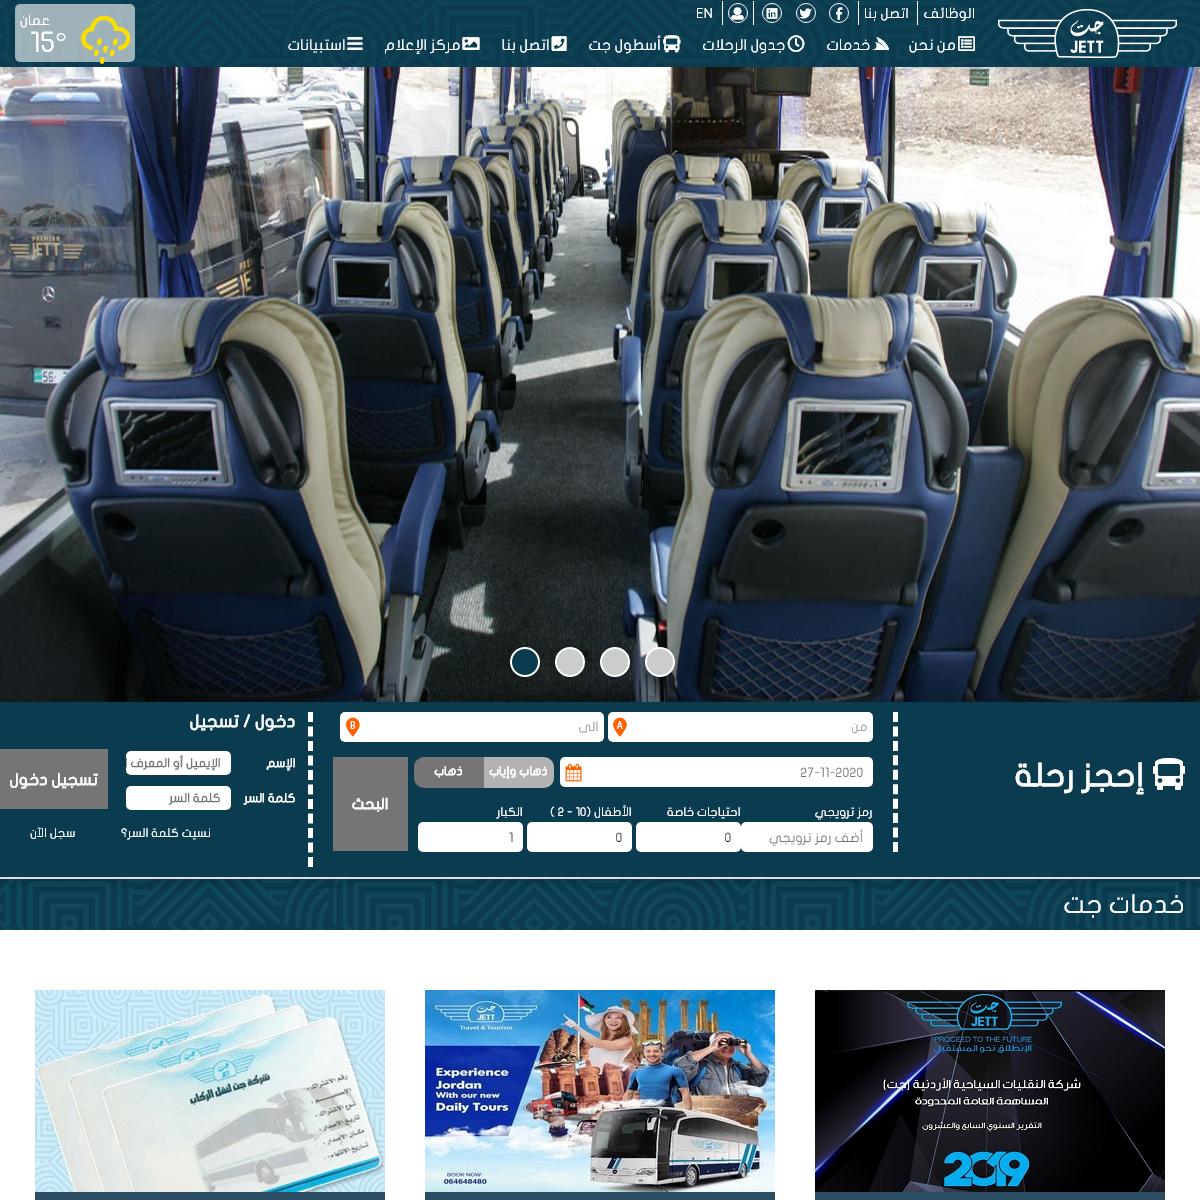 الموقع الرسمي لشركة جت لنقل الركاب